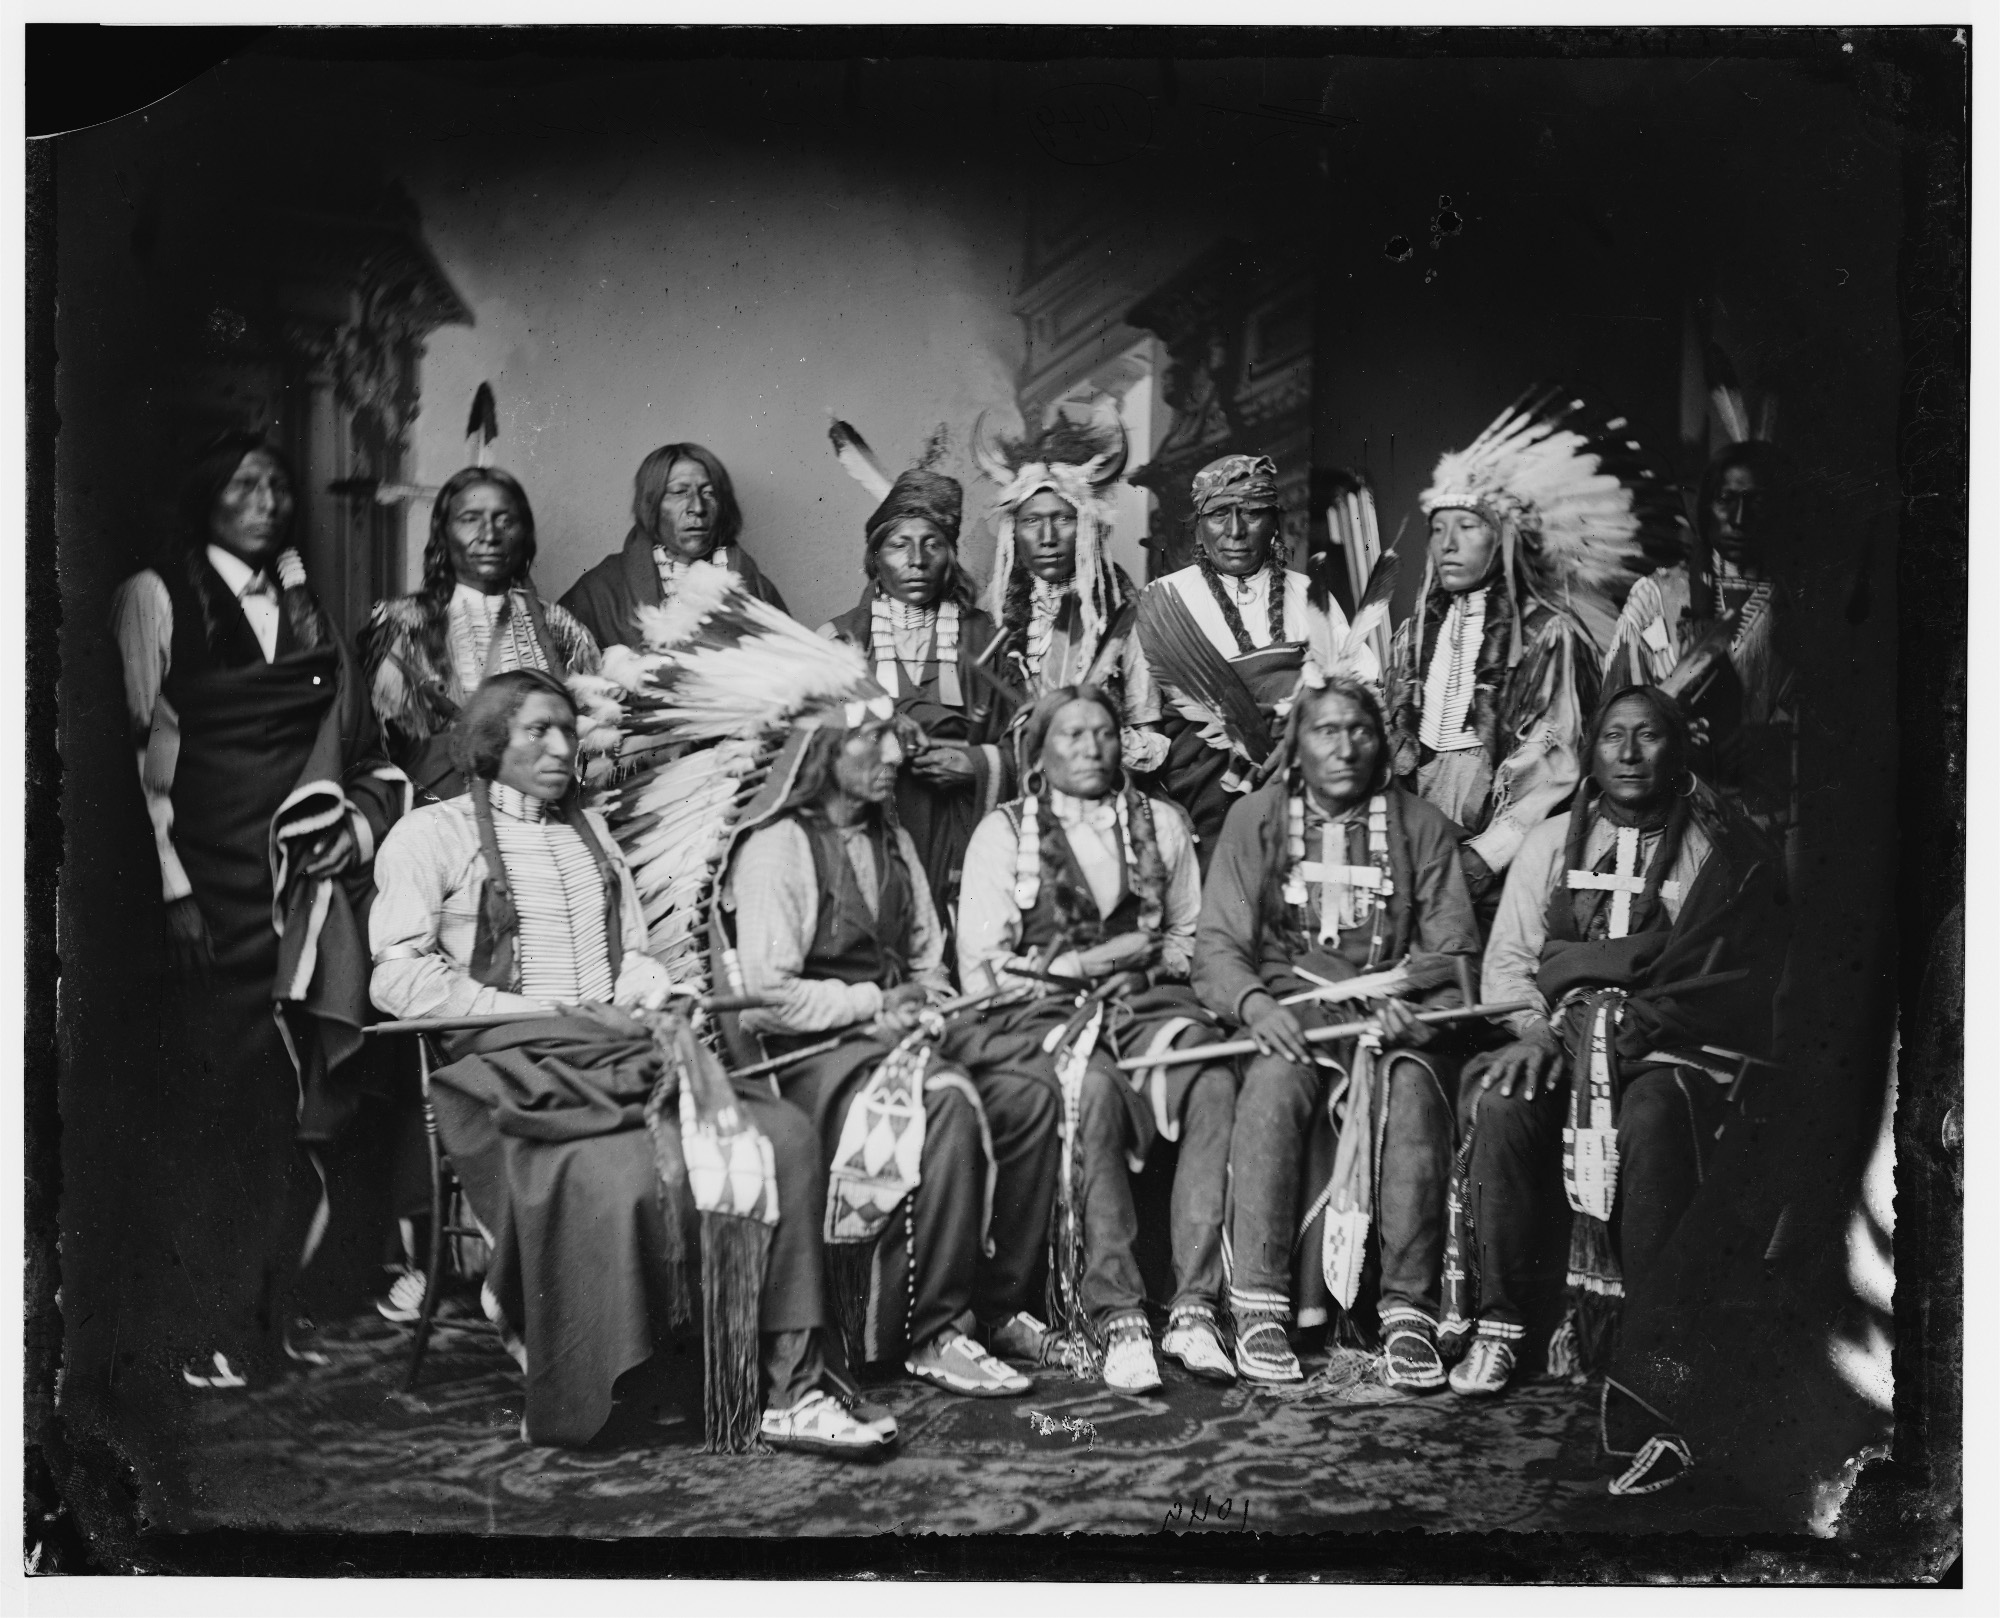 Czerwona Chmura (siedzi drugi z lewej) w otoczeniu innych Siuksów. Zdjęcie zrobione miedzy 1860 a 1880 r. (fot. Wikimedia.org / Domena publiczna)